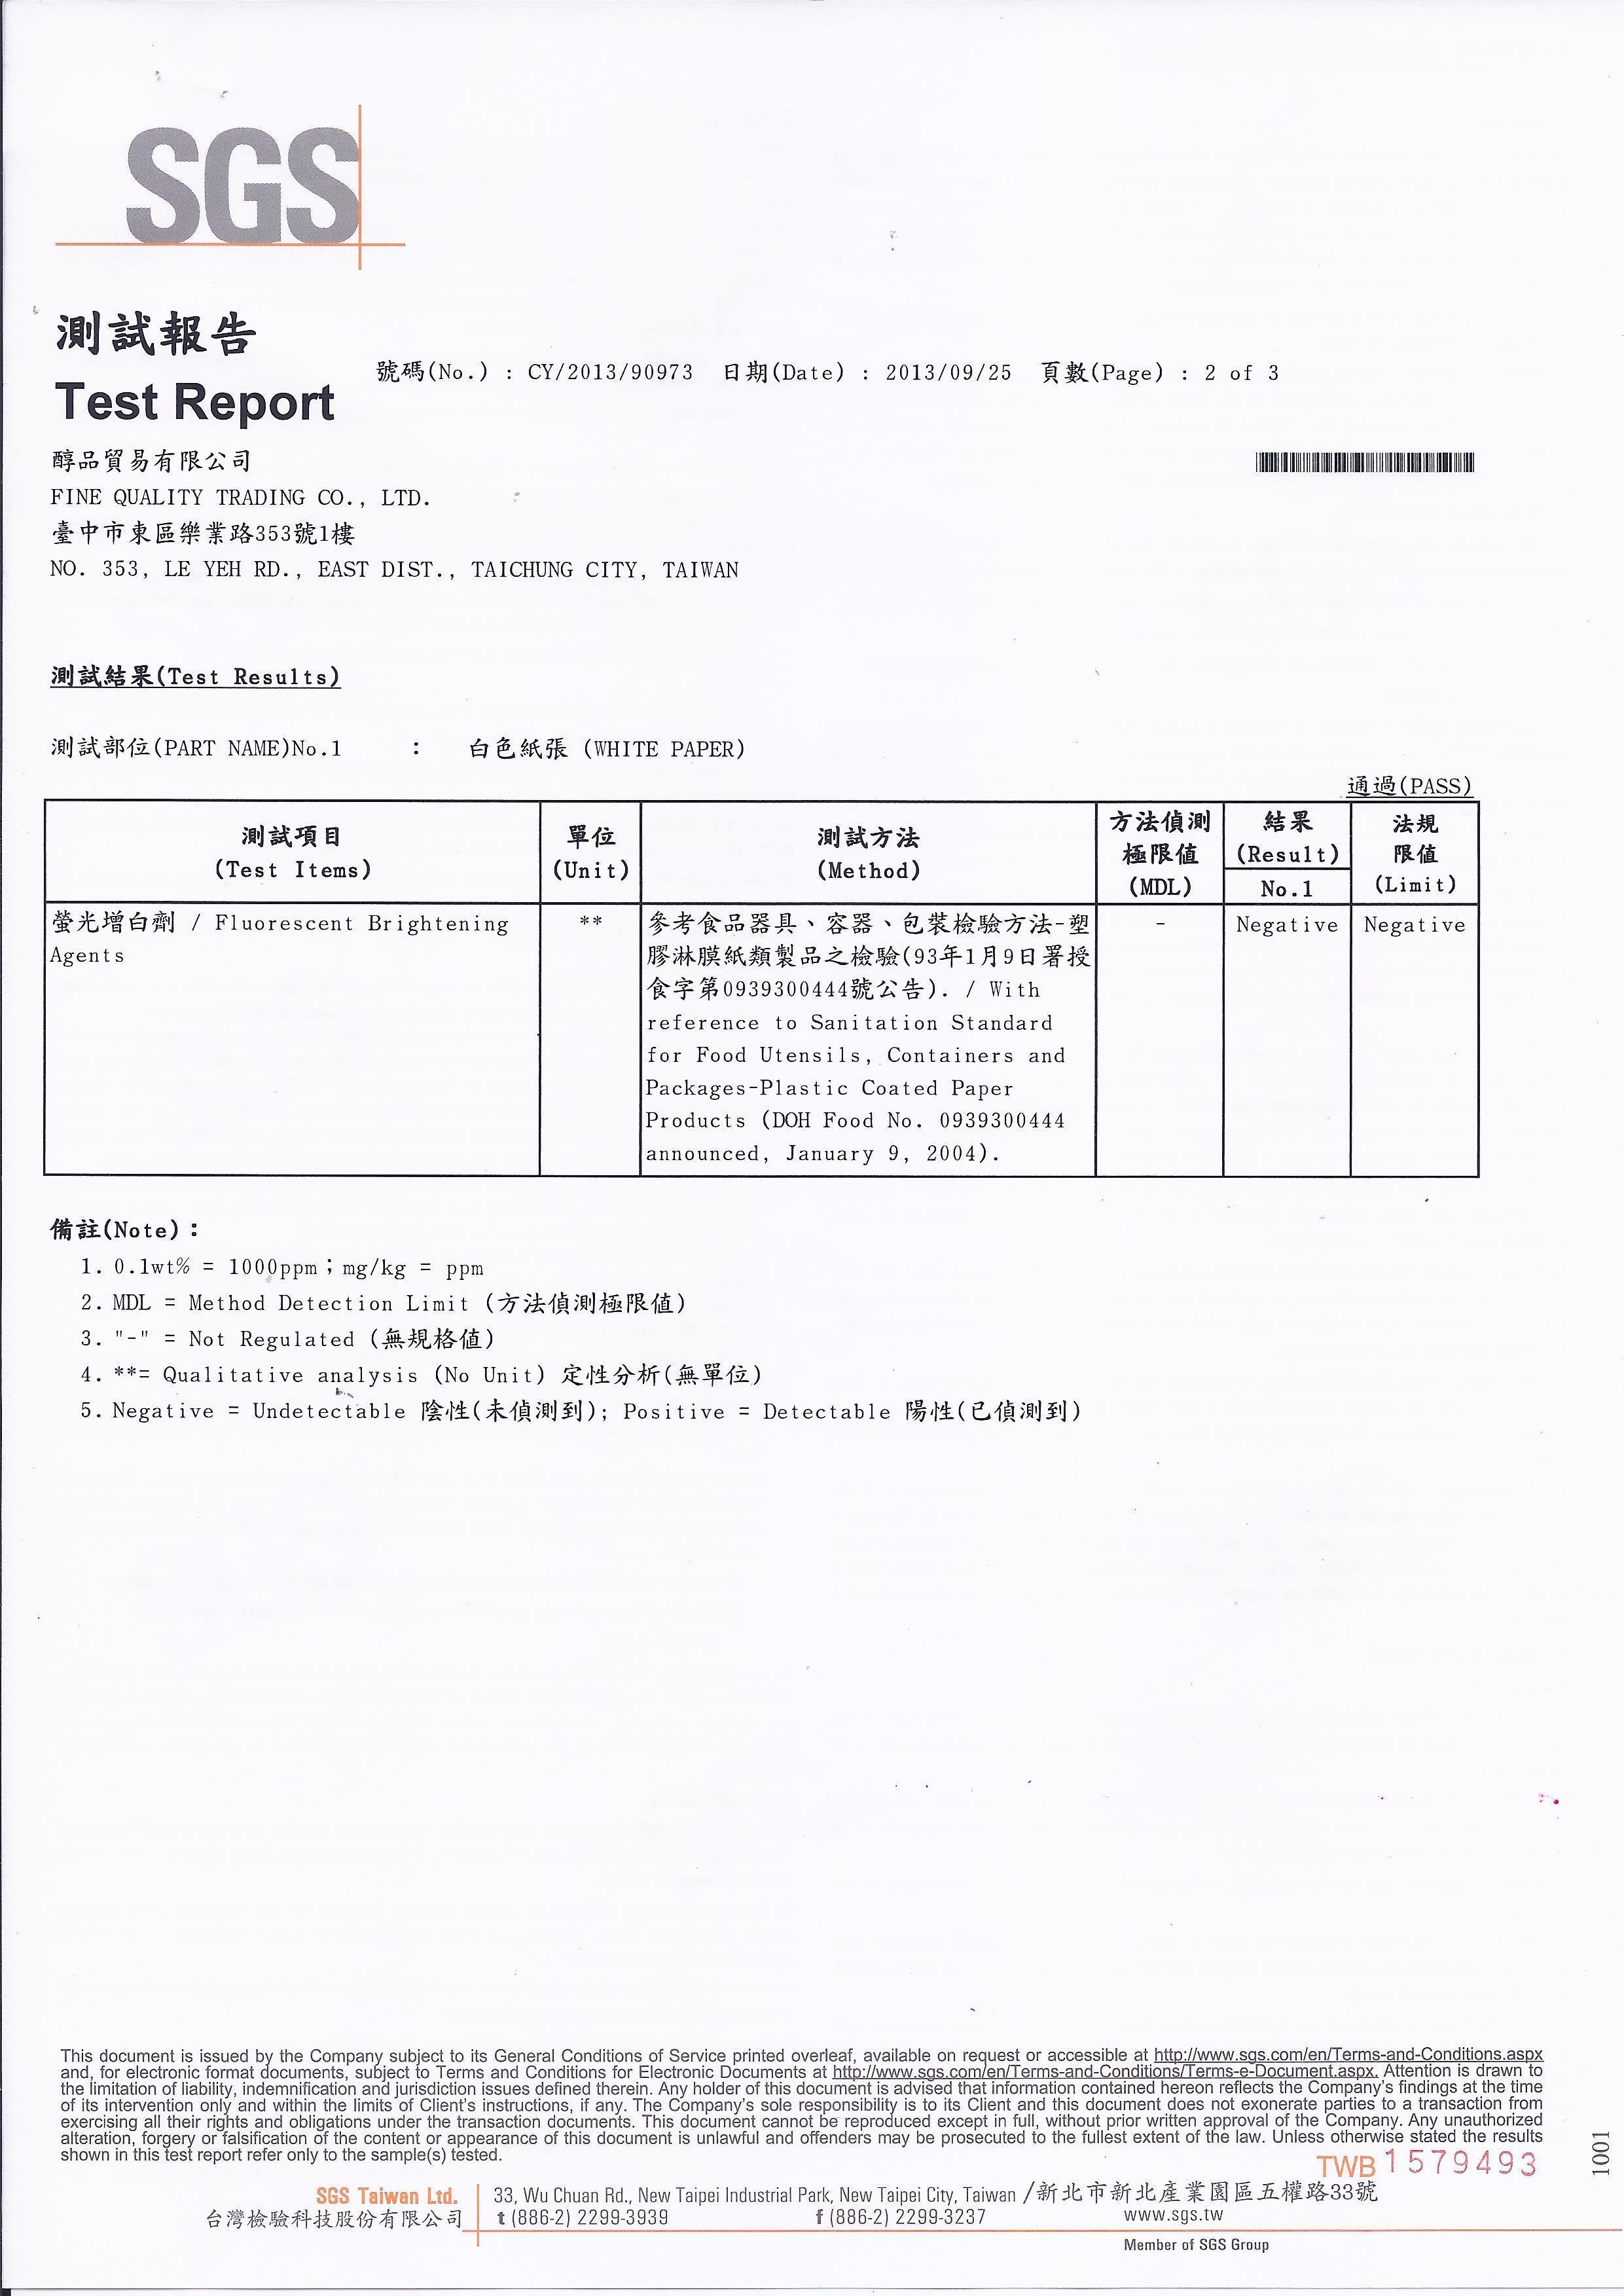 20130926-醇品-SGS測試報告-掛耳2 of 3